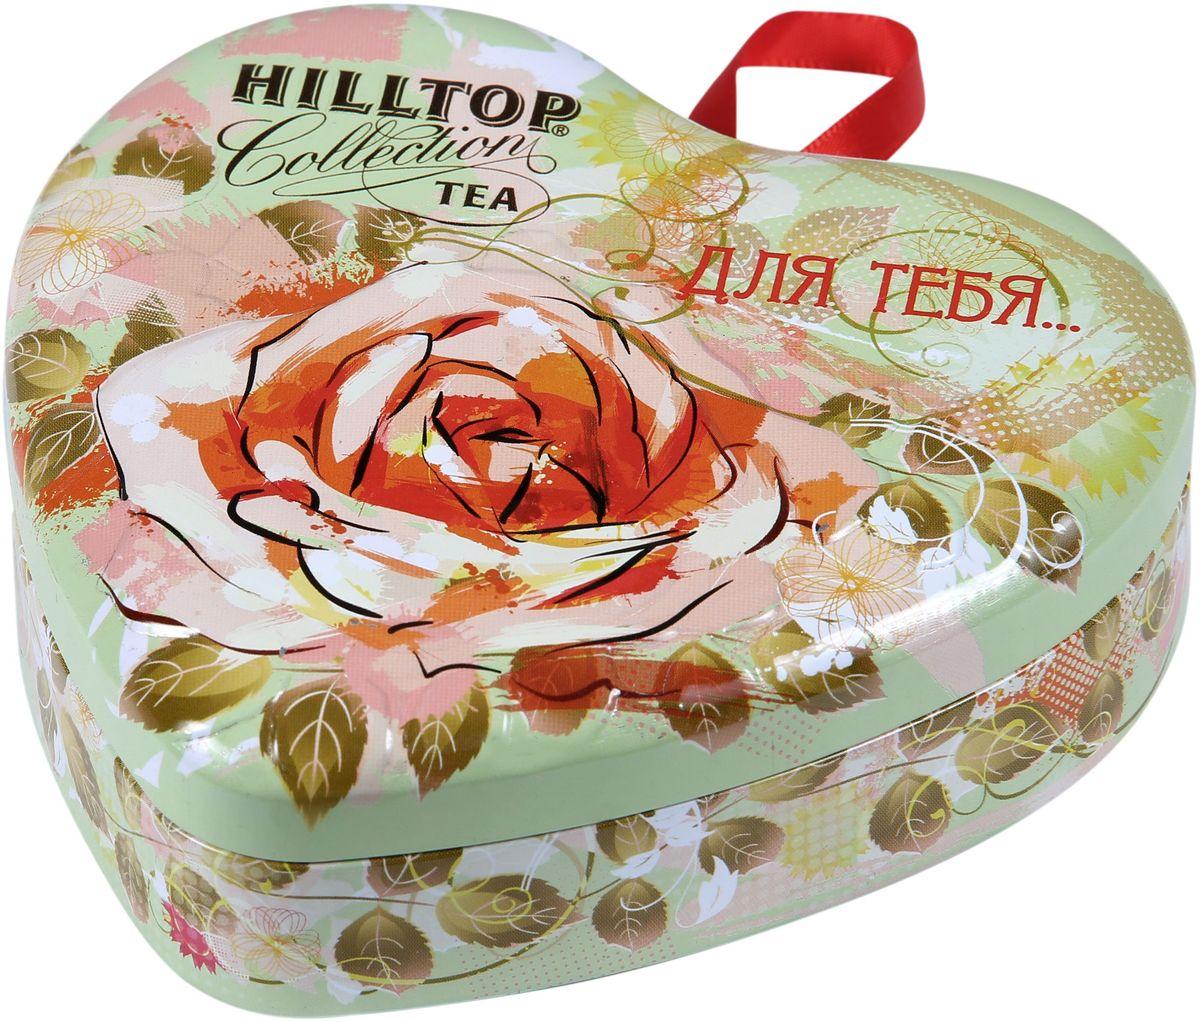 Hilltop Желаю счастья зеленый листовой чай, 50 г восемь лошадей чайной промышленности чай травяной чай жасминовый чай жасминовый чай 240г коробка подарка